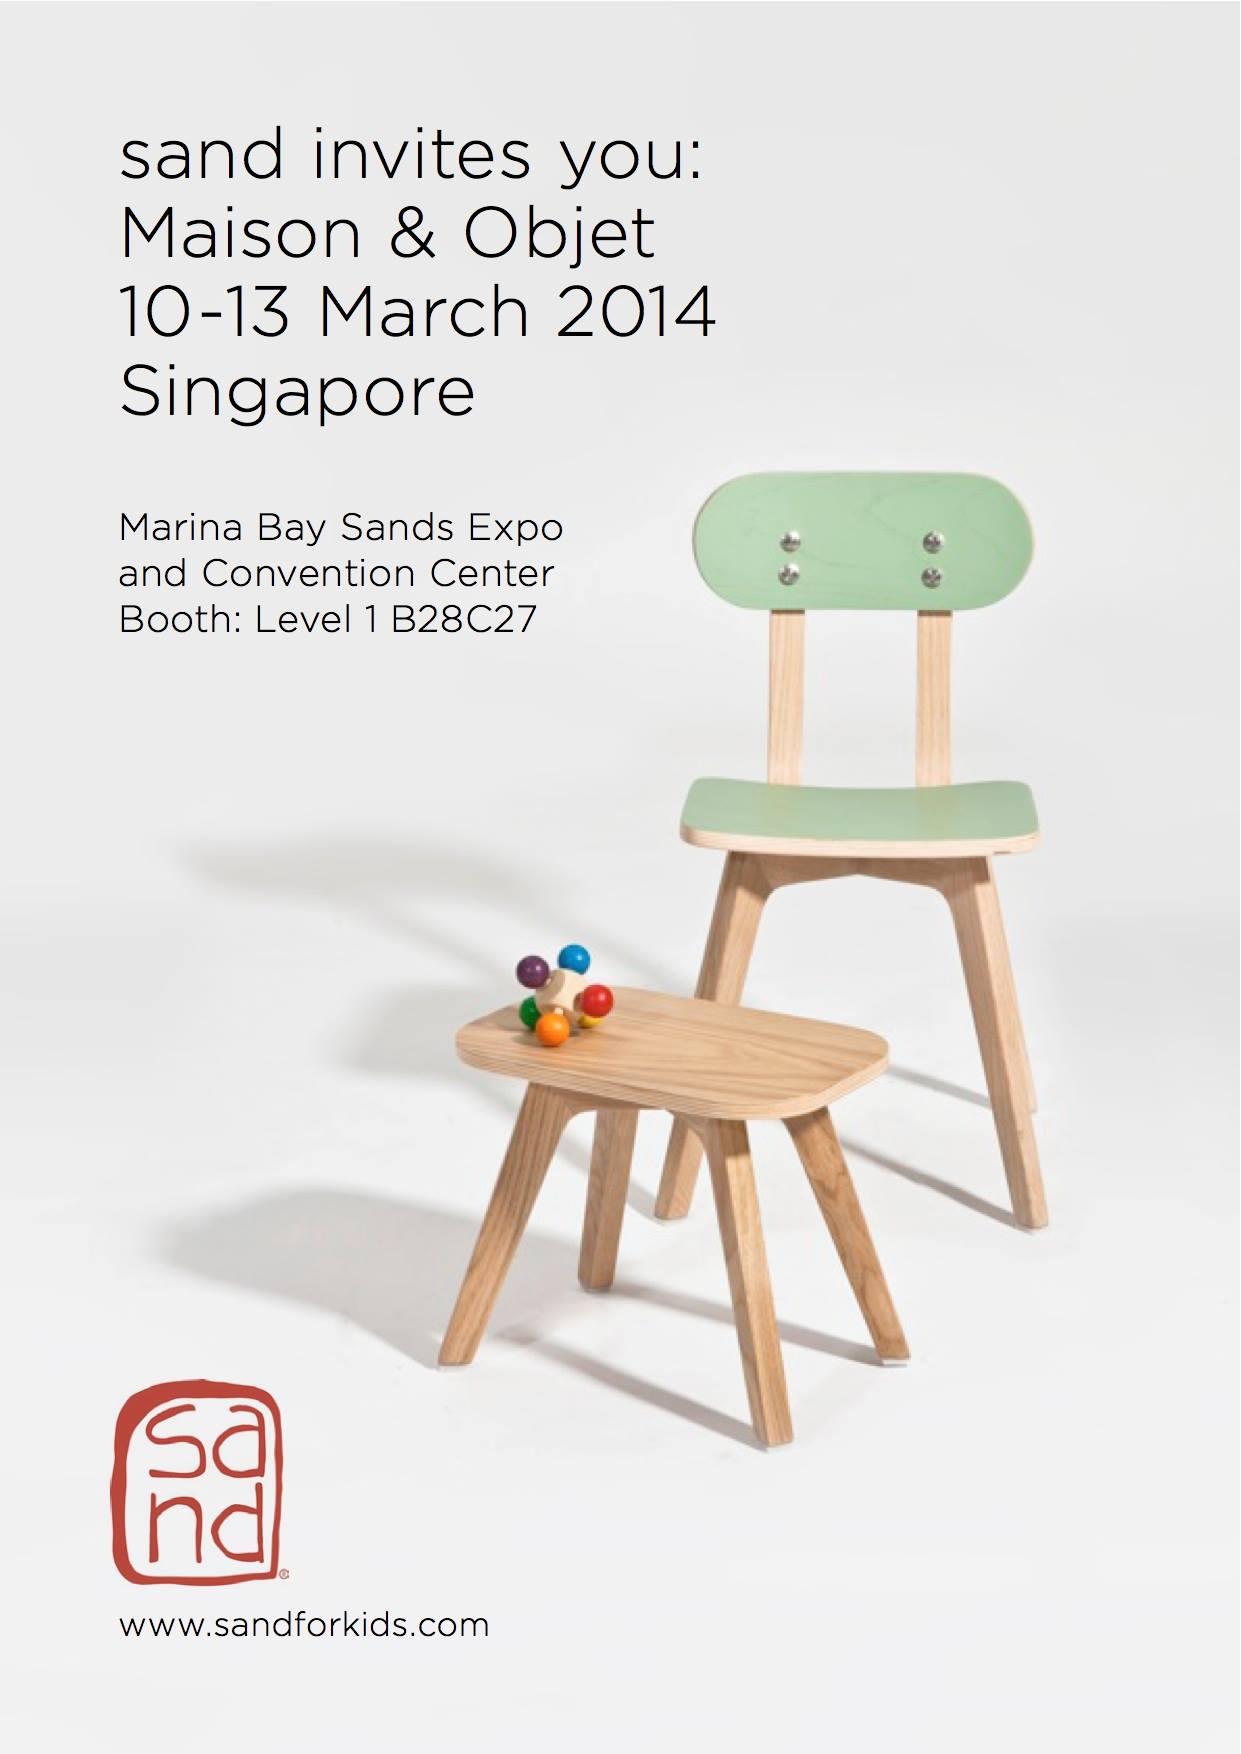 Invitation to maison objet singapore 10 13 mar 2014 sand - Salon maisons et objets ...